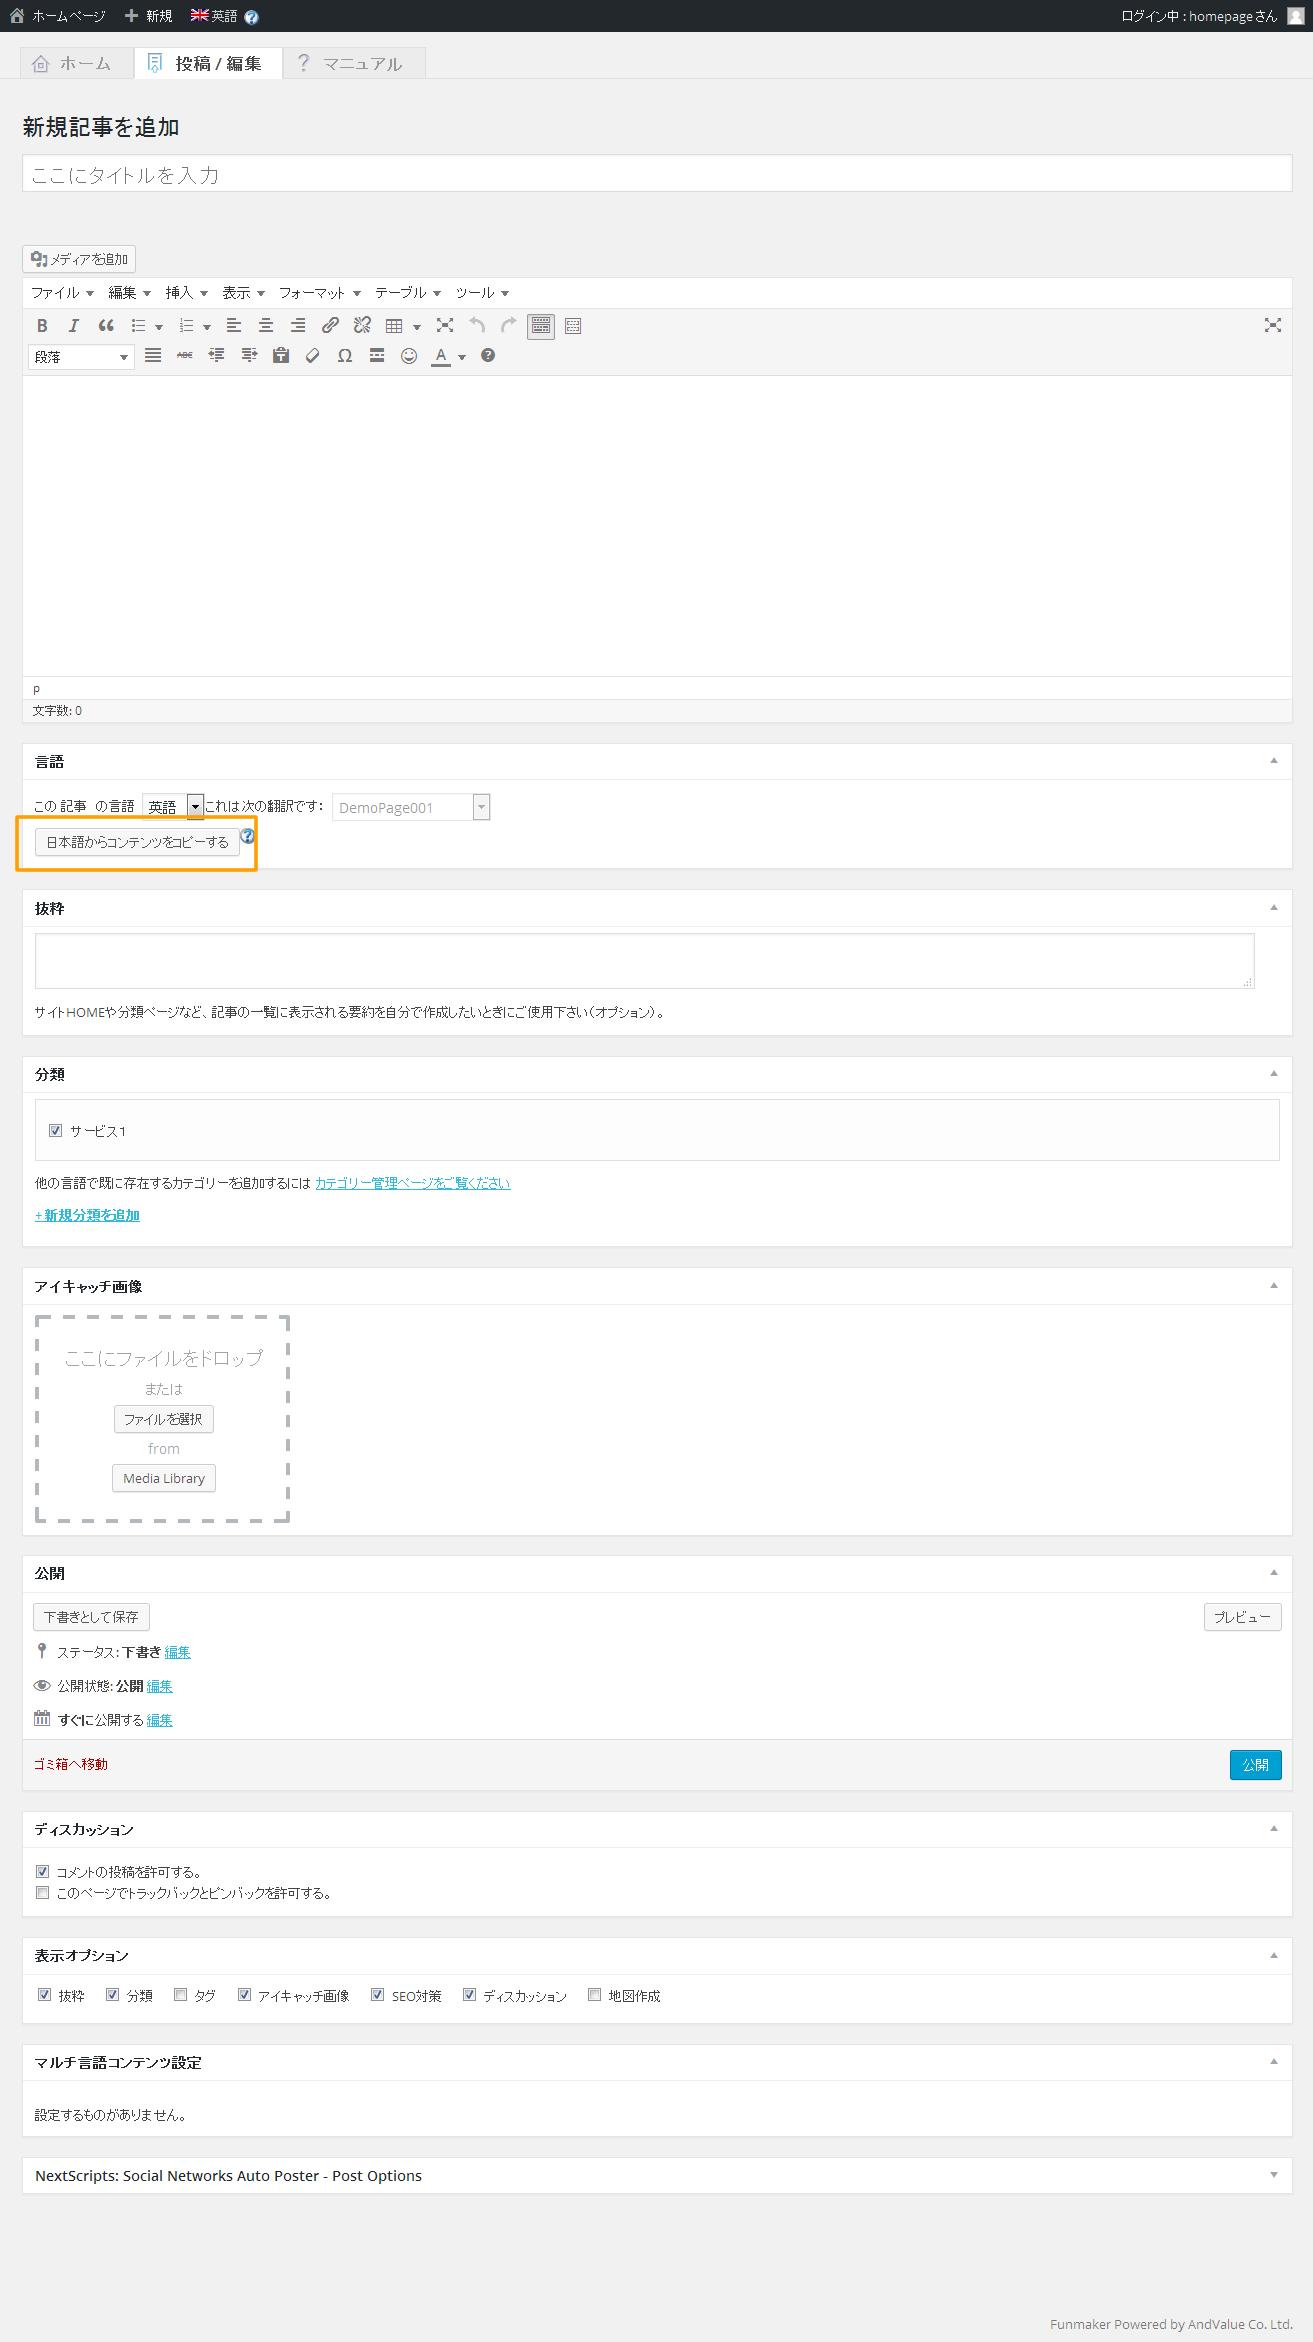 投稿/編集画面 新規追加 | 簡単格安ホームページ作成サイト - FunMaker